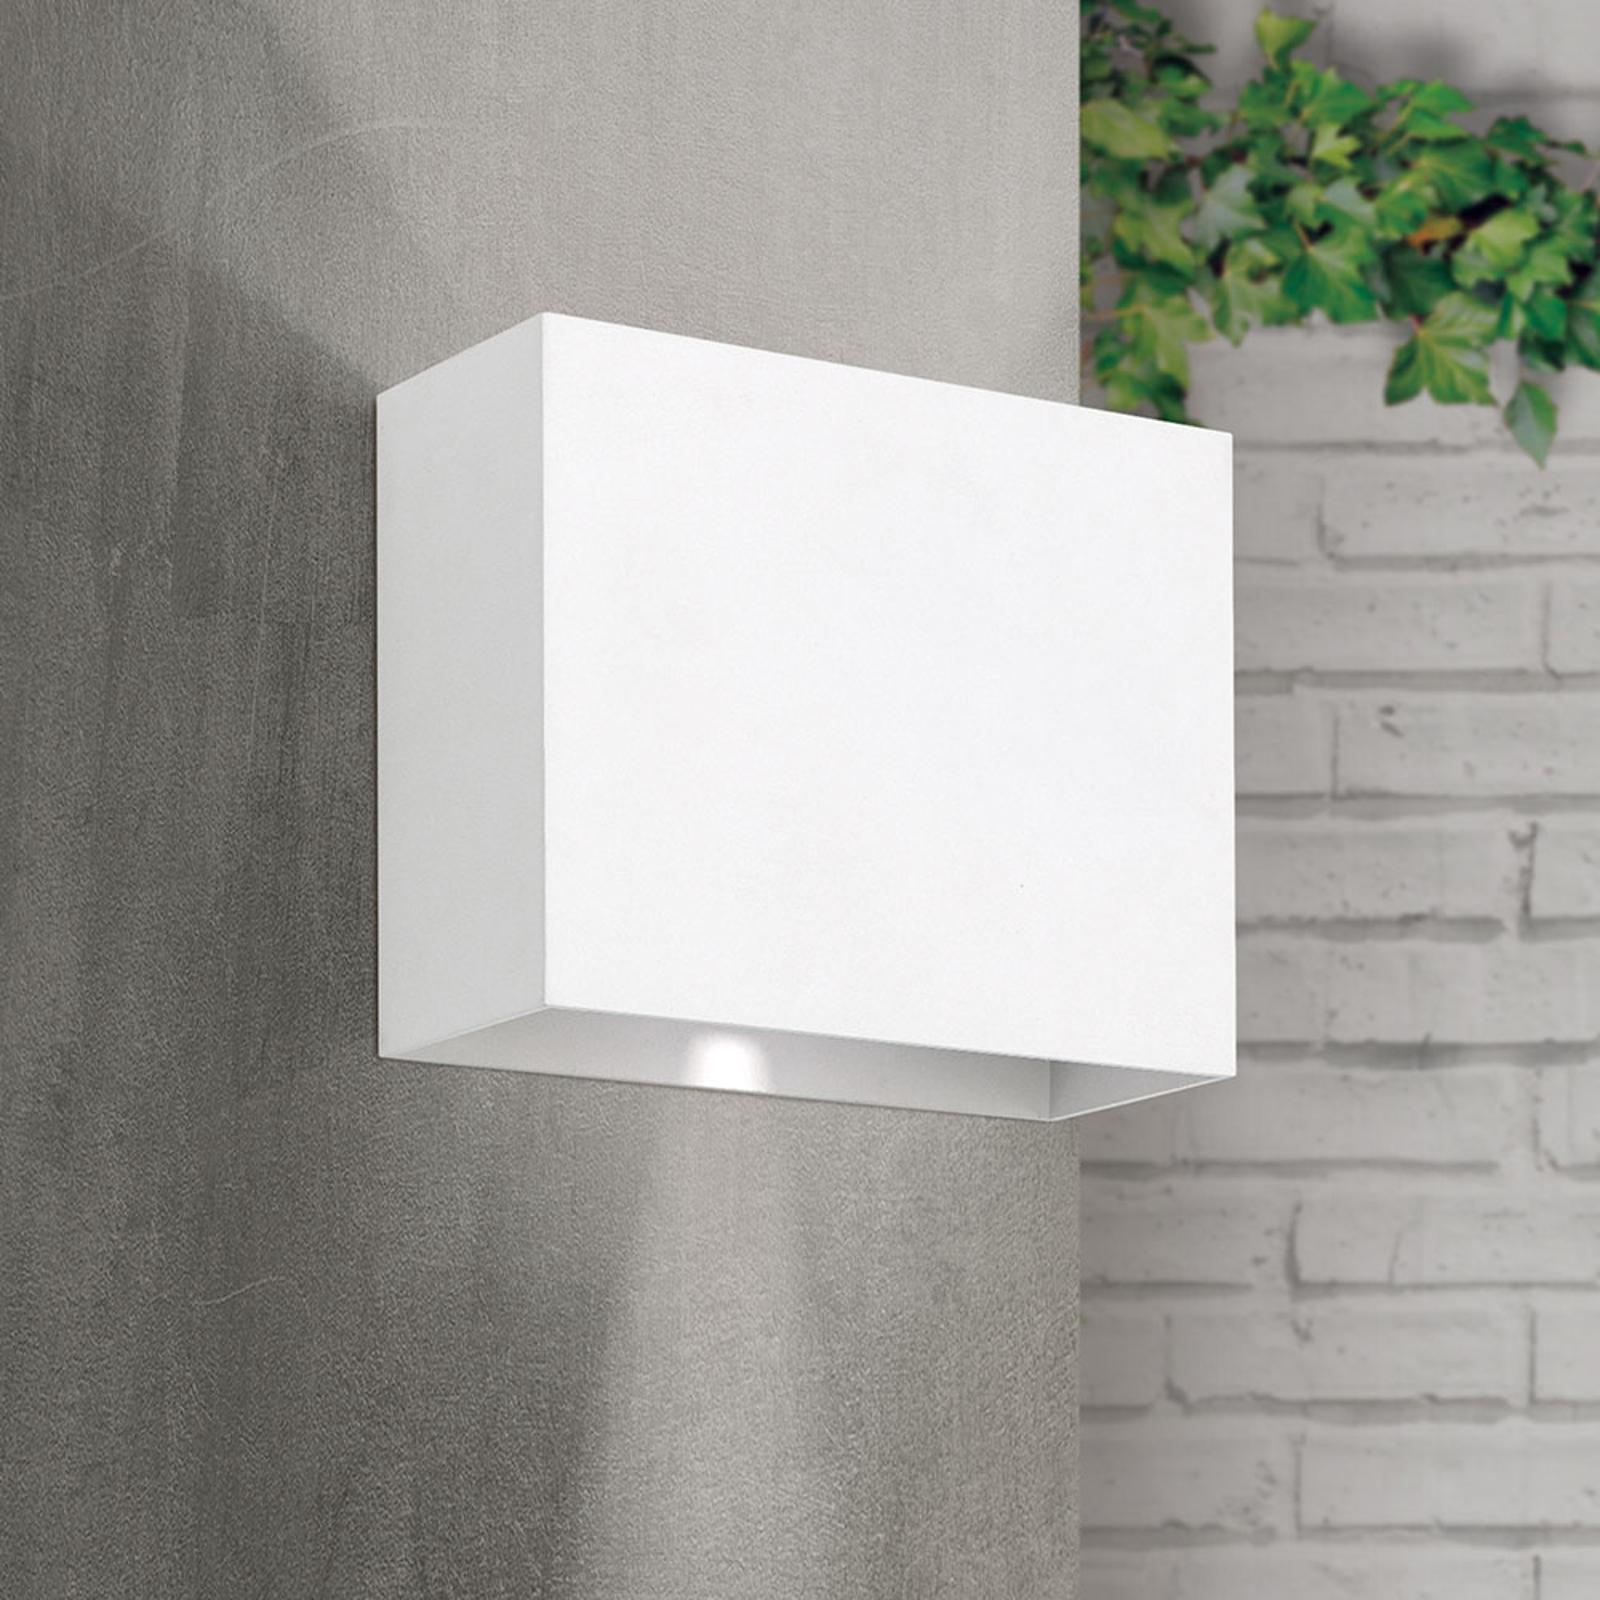 Akzent utendørs LED-vegglampe, hvit